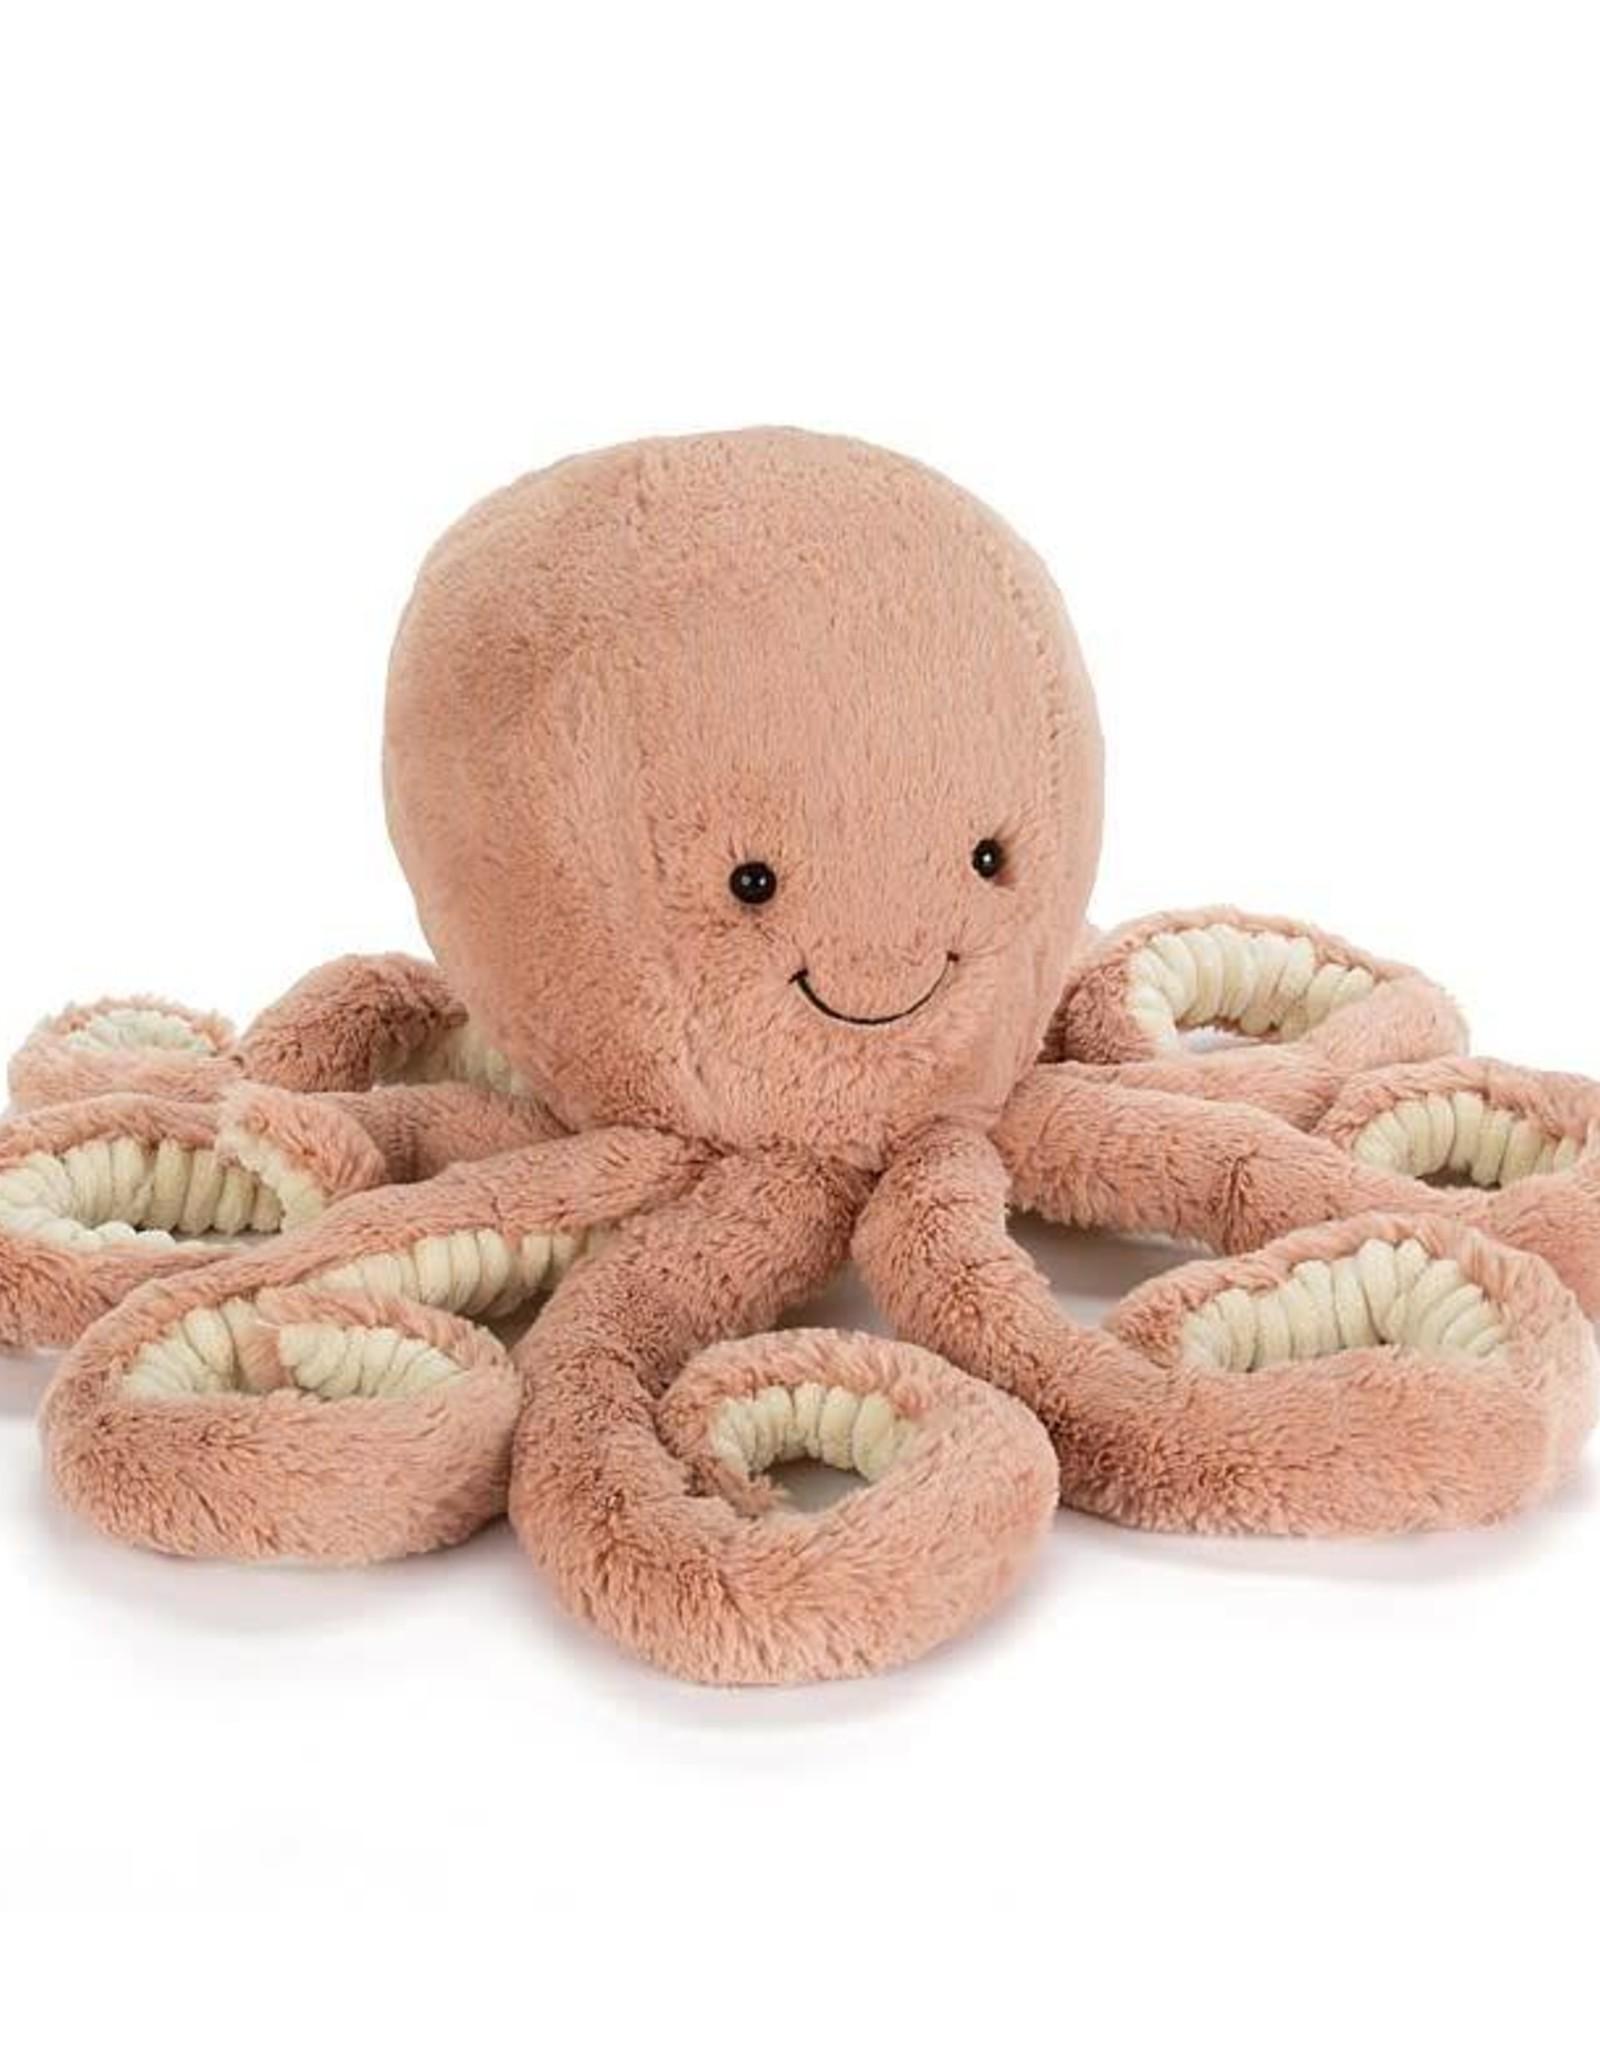 Jellycat Little Odell Octopus